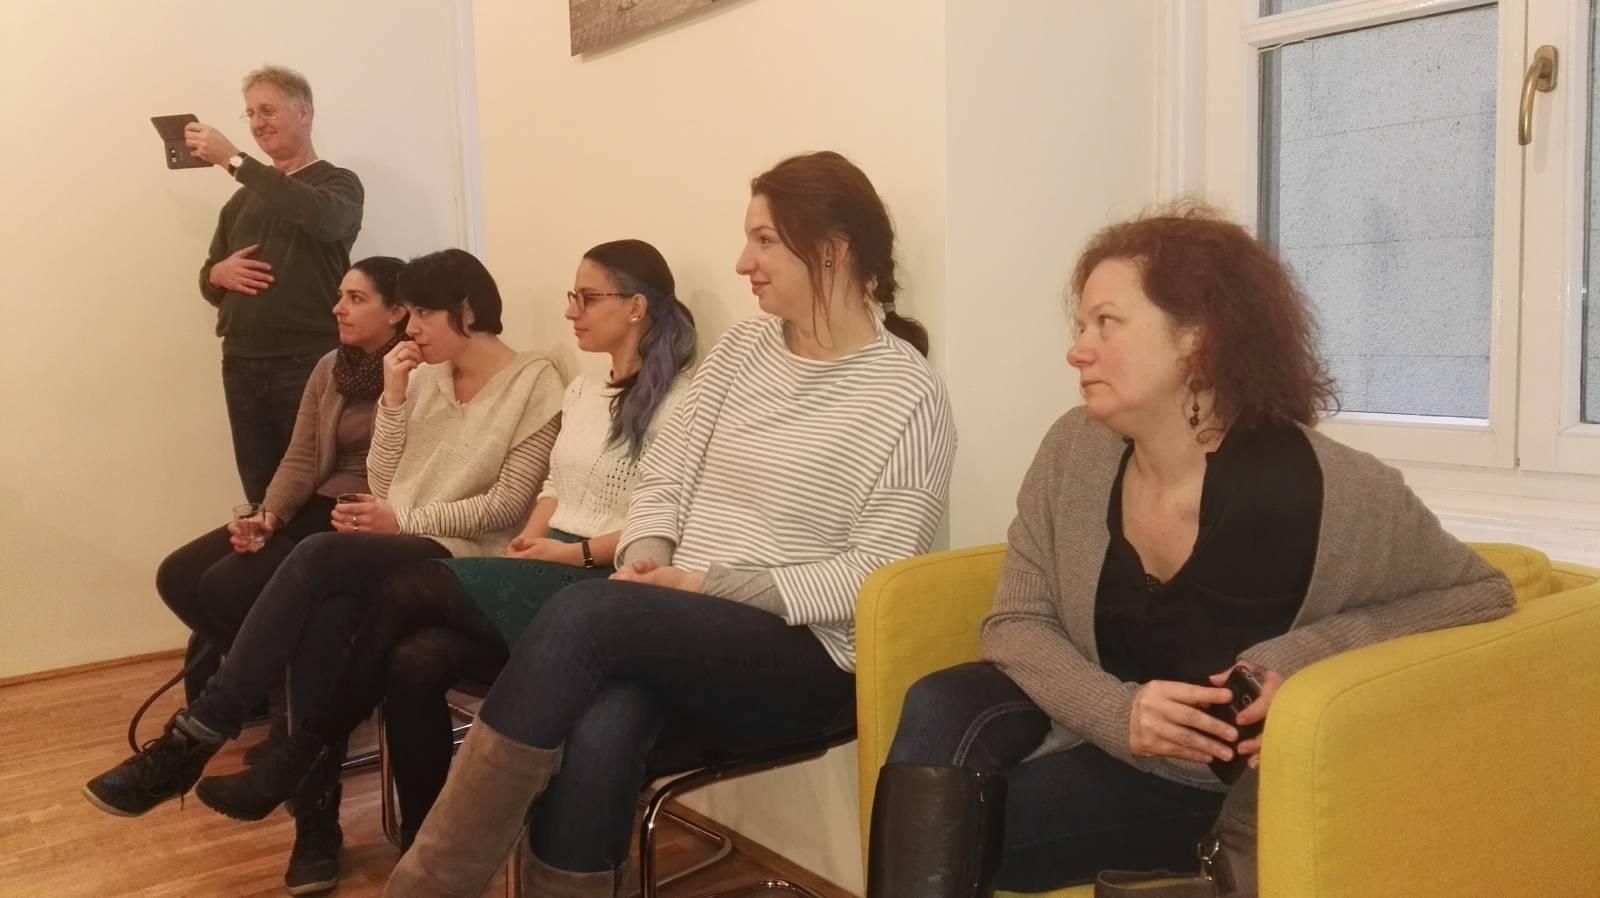 Kékesi Zsolt, Szalai Nóra, Dés Julcsi, Kolozs Andrea, Barasits Eszter, Marcsa Barbara